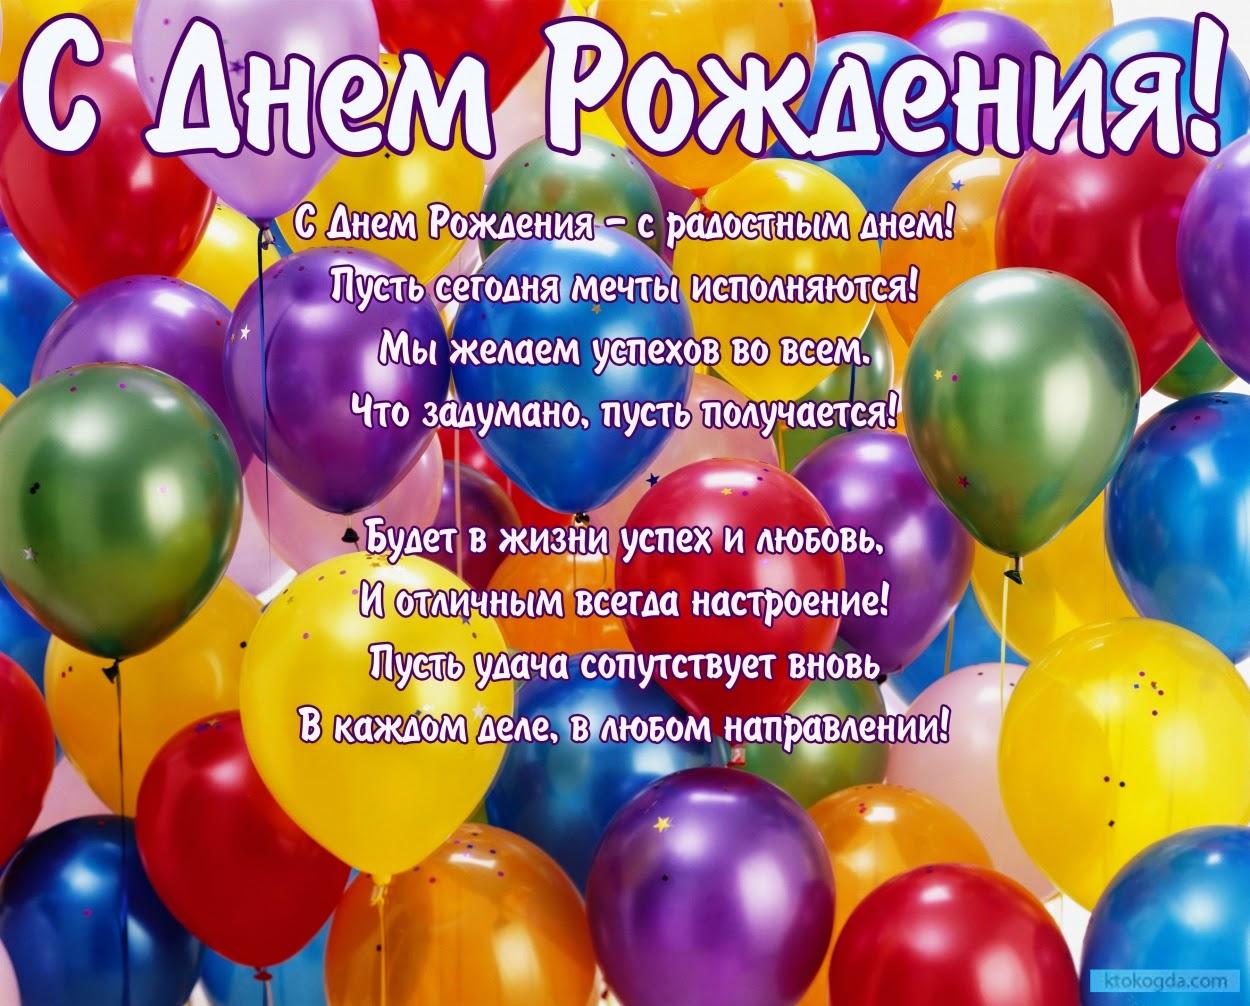 Поздравление волонтерам с днем рождения